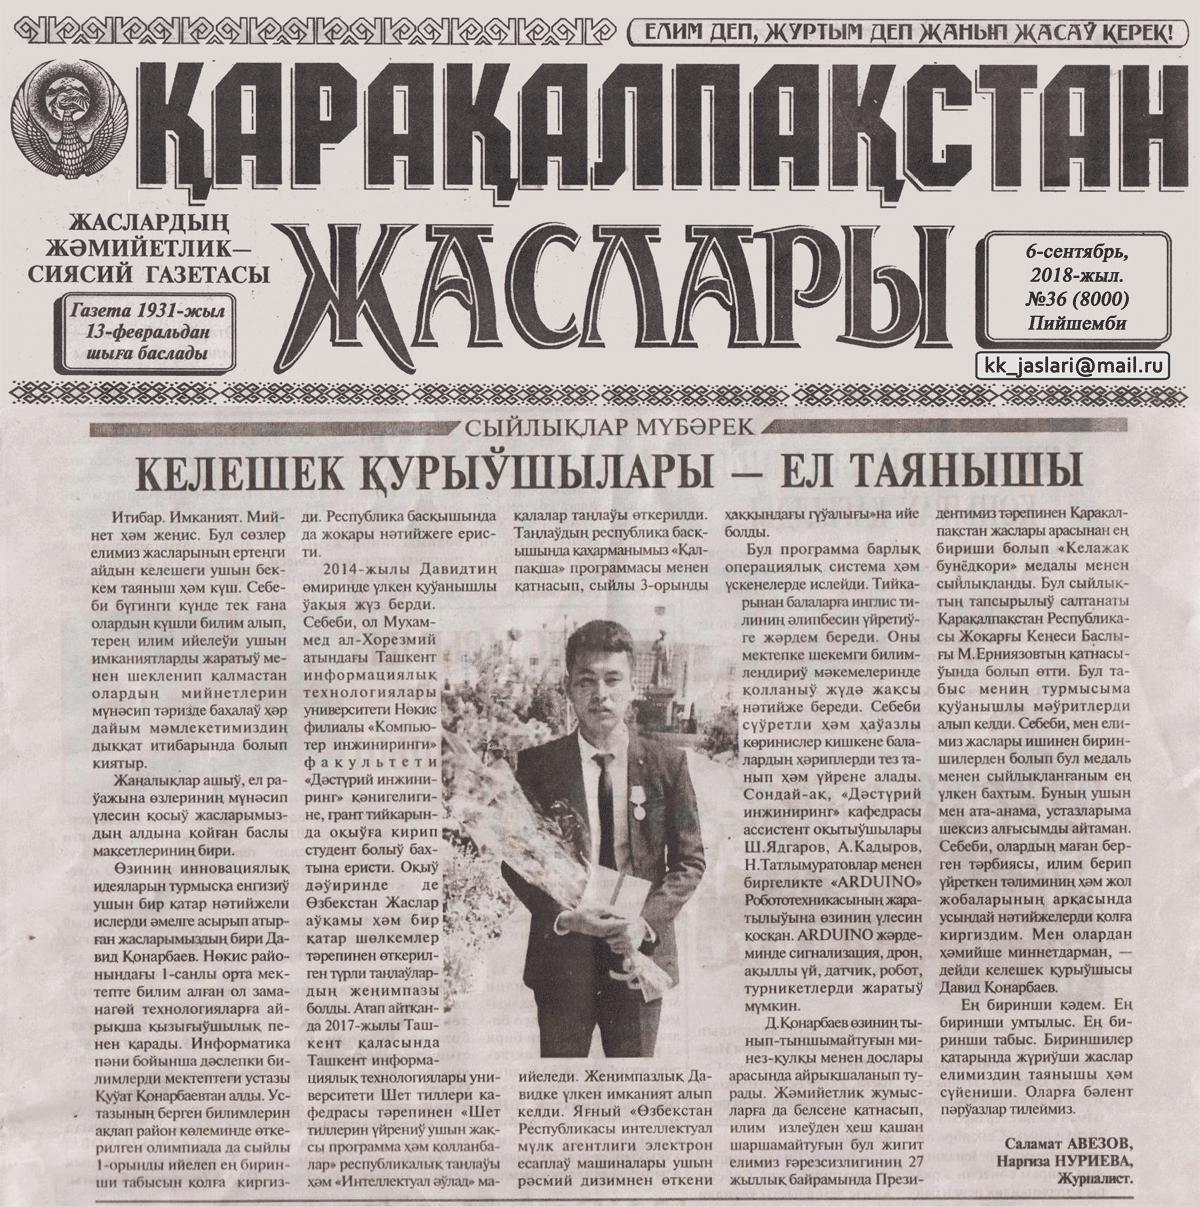 «Қарақалпақстан жаслары» газетасы 6-сентябрь, 2018-жыл. №36 (8000)